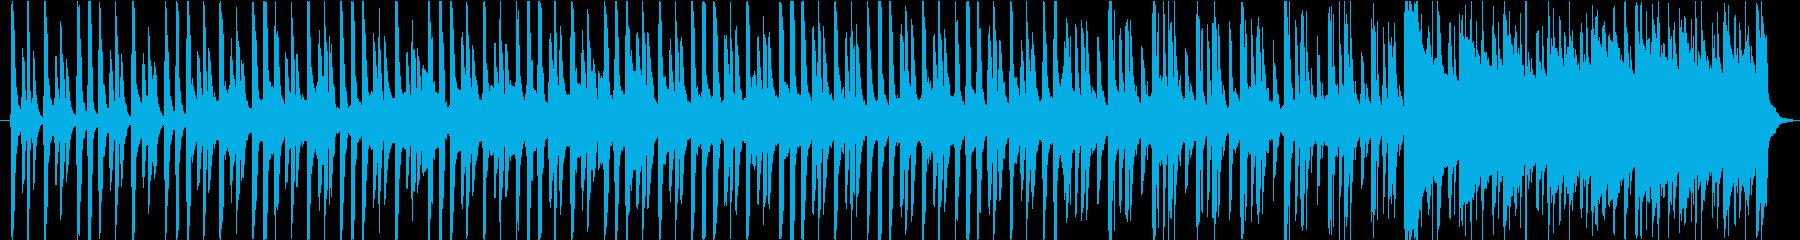 宇宙をイメージしたシンセのジングルの再生済みの波形